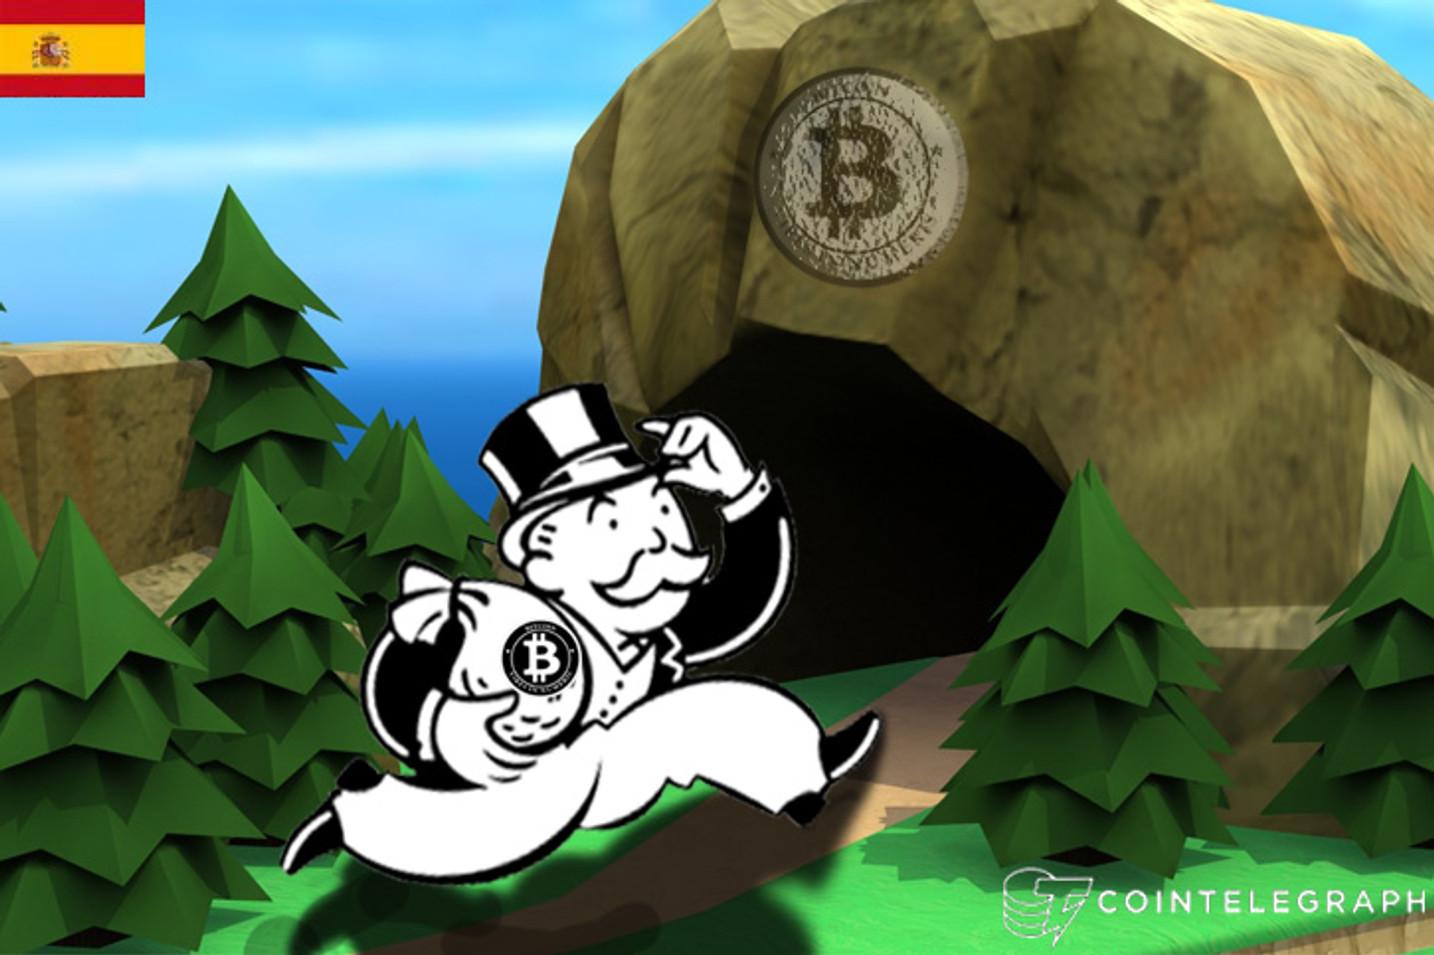 Bitcoin gana popularidad como moneda de reserva